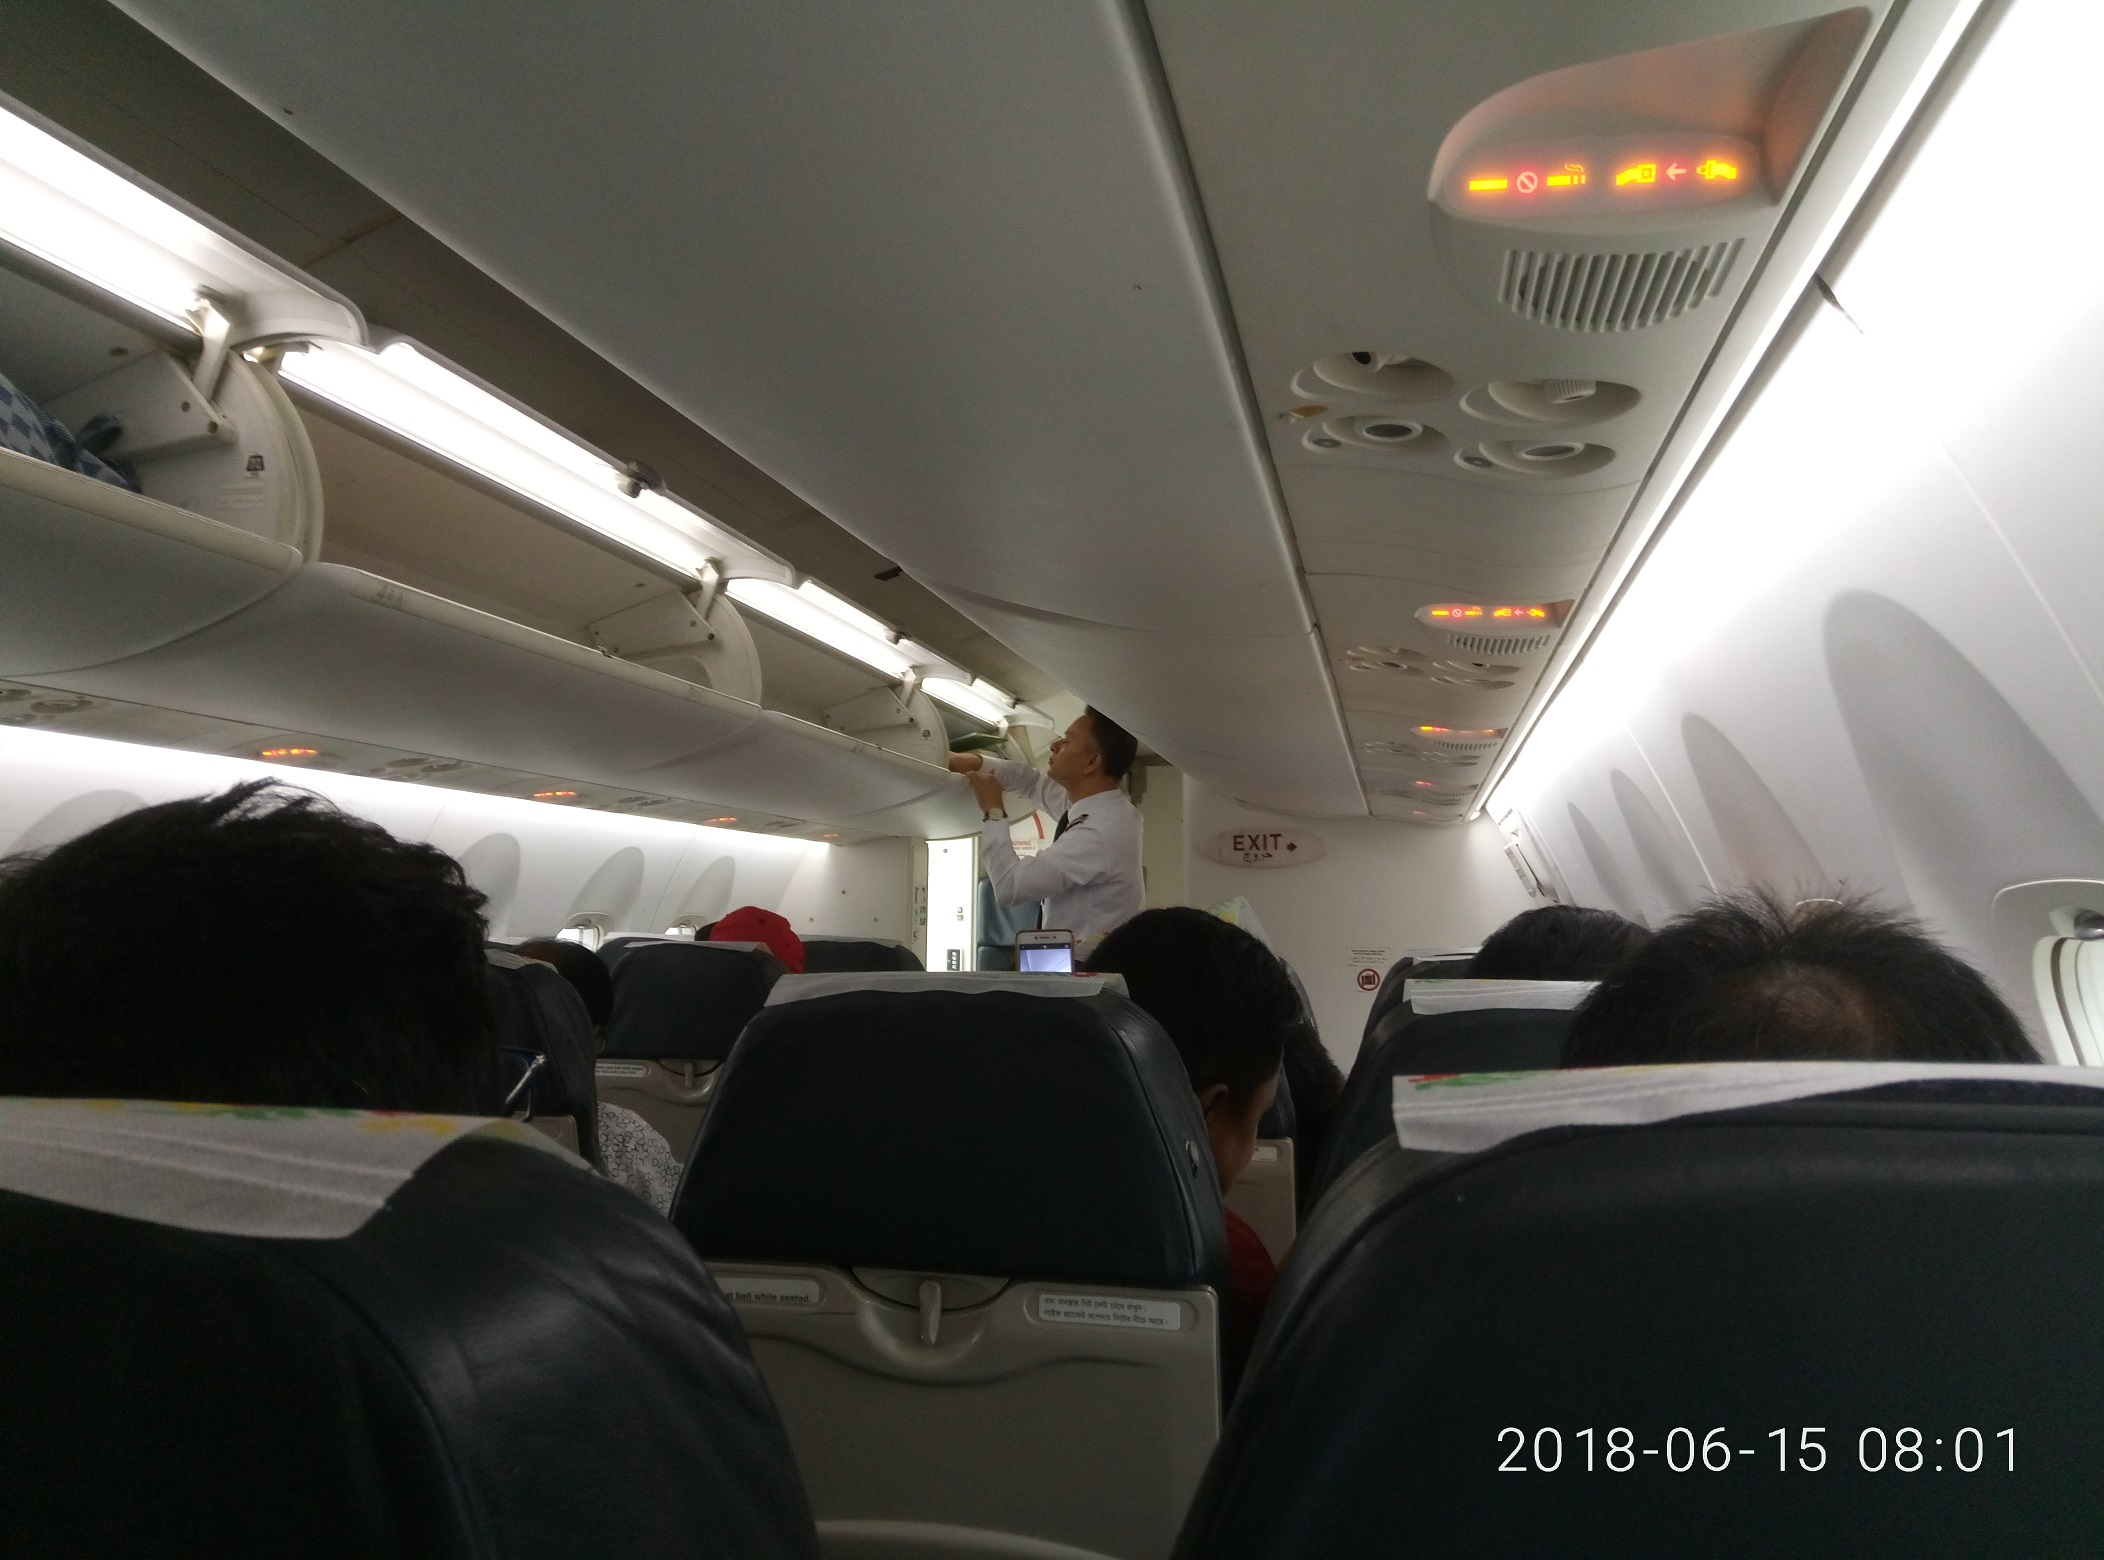 Biman Bangladesh Airlines Customer Reviews | SKYTRAX